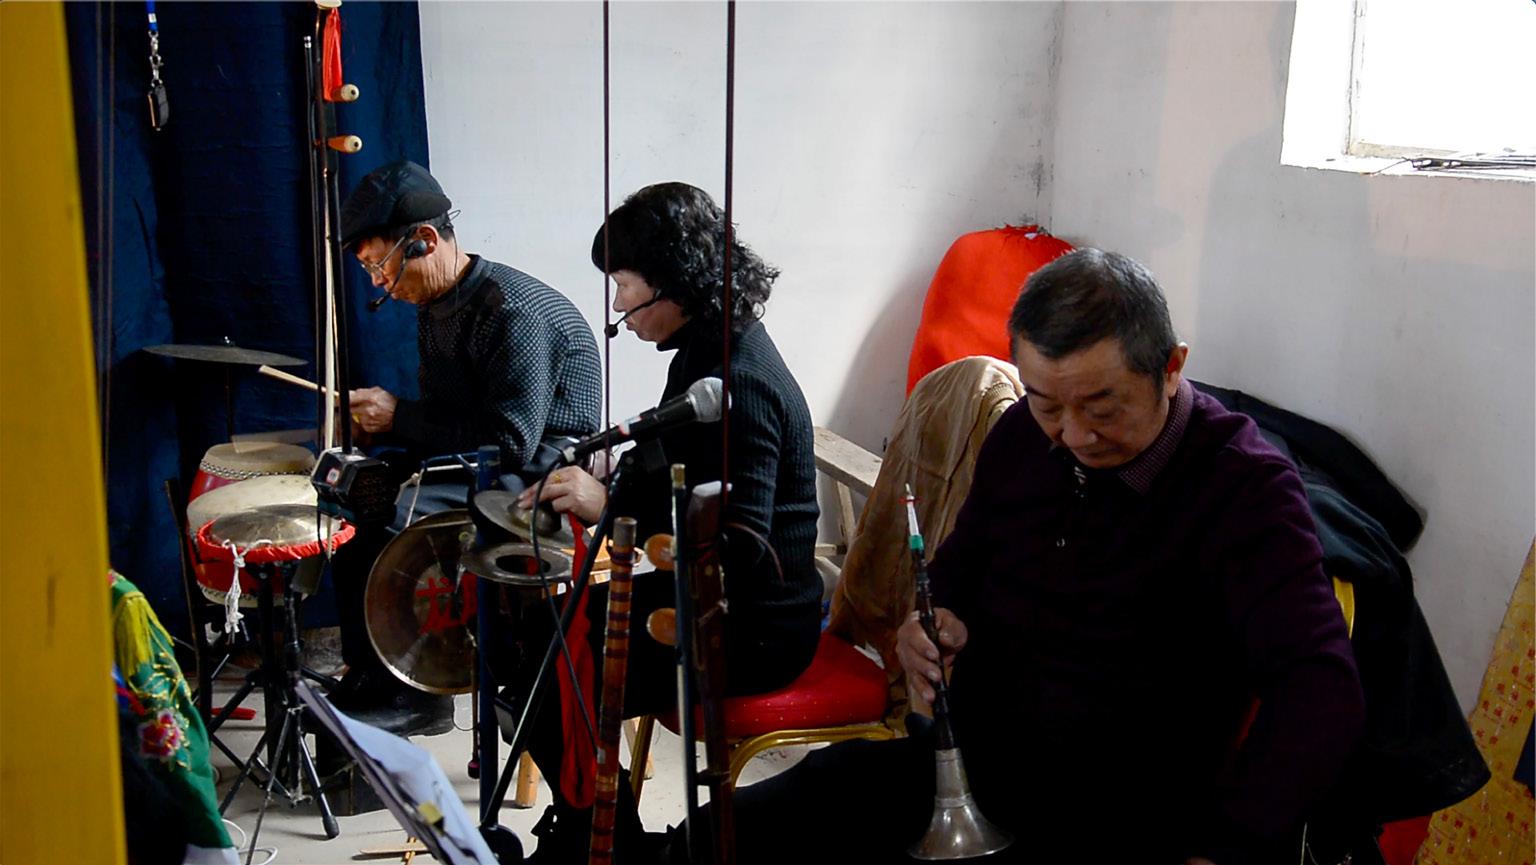 FIGURA 8. Alcuni membri della formazione musicale dello spettacolo a Fu'ao. Nella foto si possono osservare alcuni dei principali strumenti musicali (frame da video di F. Serratore).